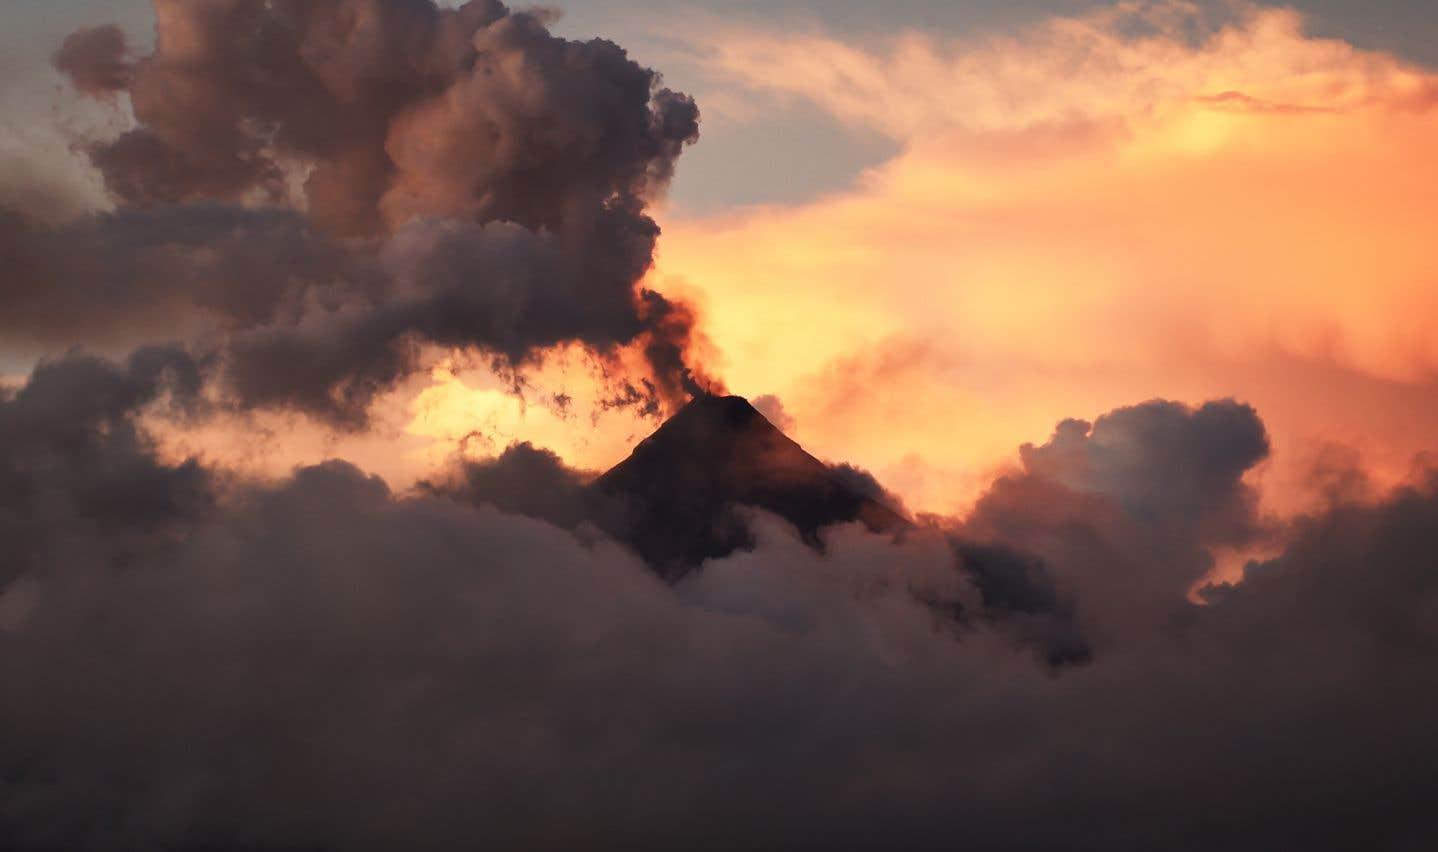 Sous les cendres du volcan Mayon, les évacués philippins vivent un cauchemar